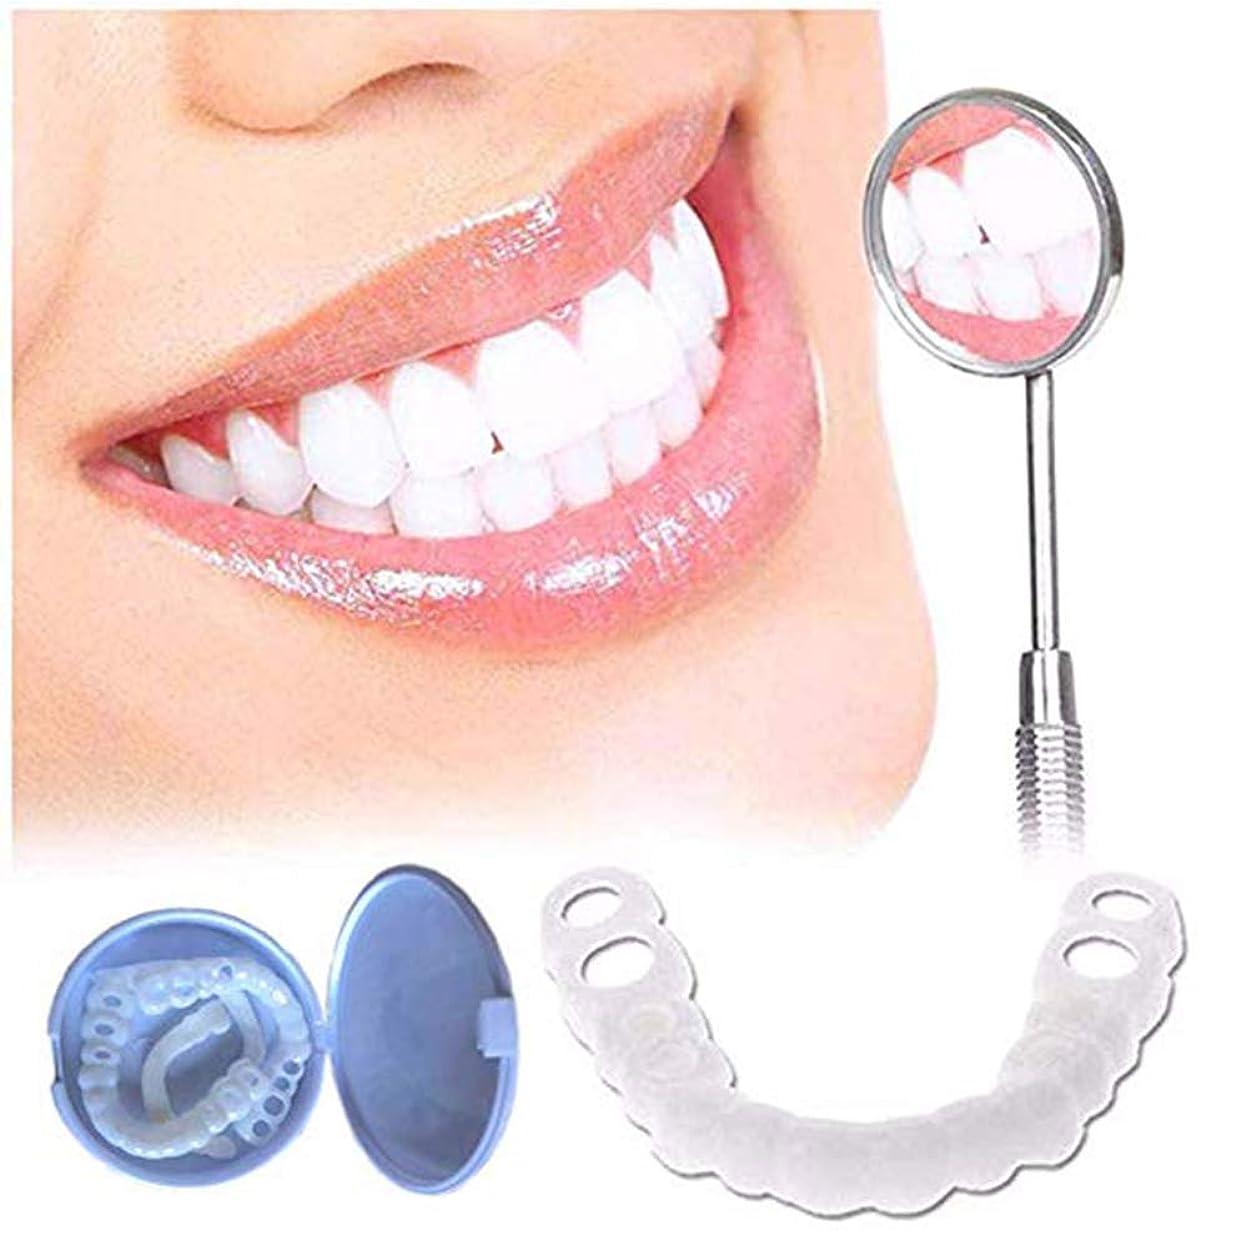 海賊絵センサー歯ブレースベニア義歯偽の歯スマイル鋸歯状義歯歯の上部と下部のコンフォートフィットフレックスティースソケットで白い歯をきれいに